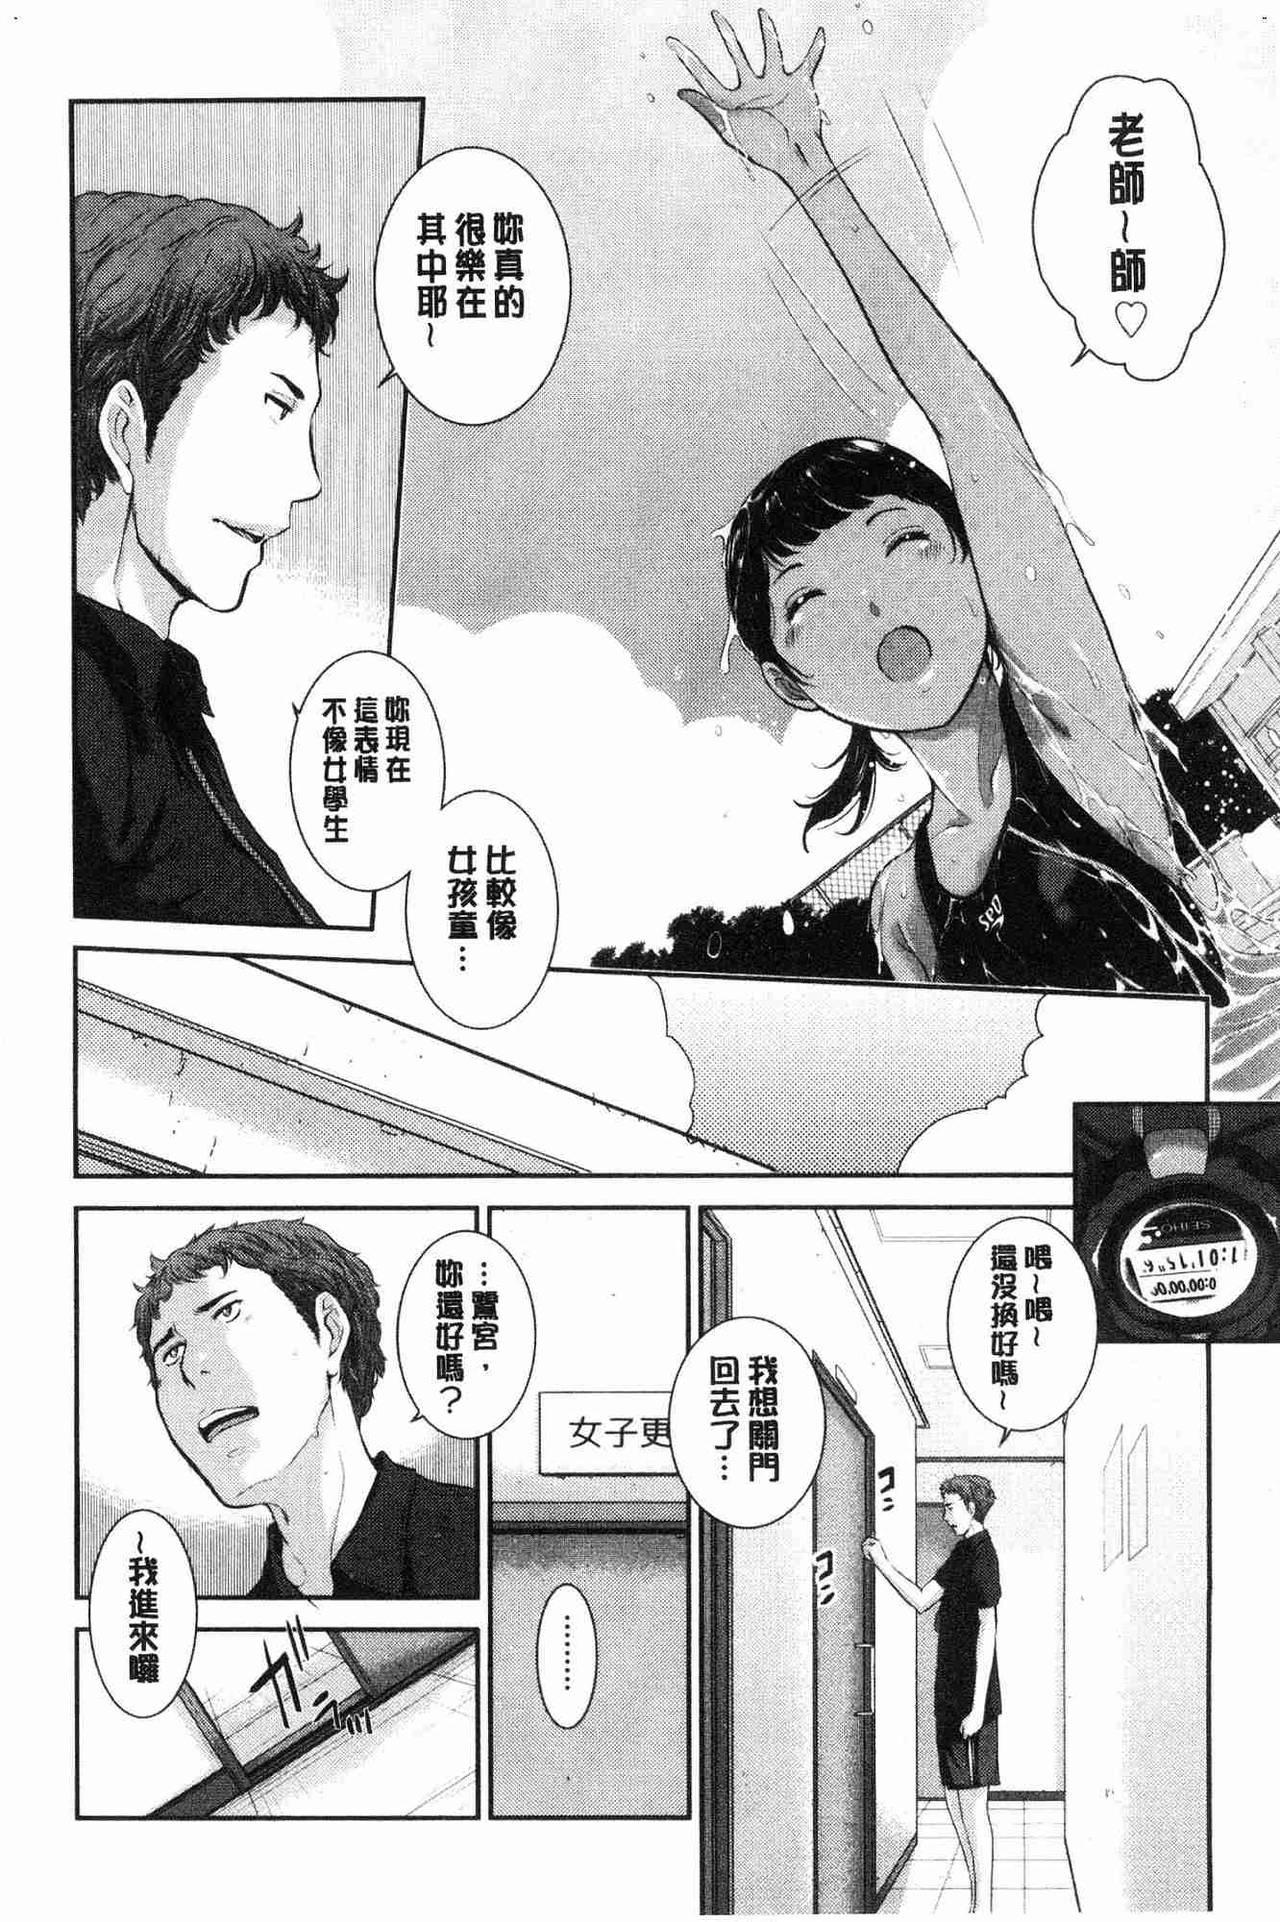 [Harazaki Takuma] Seifuku Shijou Shugi -Natsu- - Uniforms supremacy [Chinese] 114